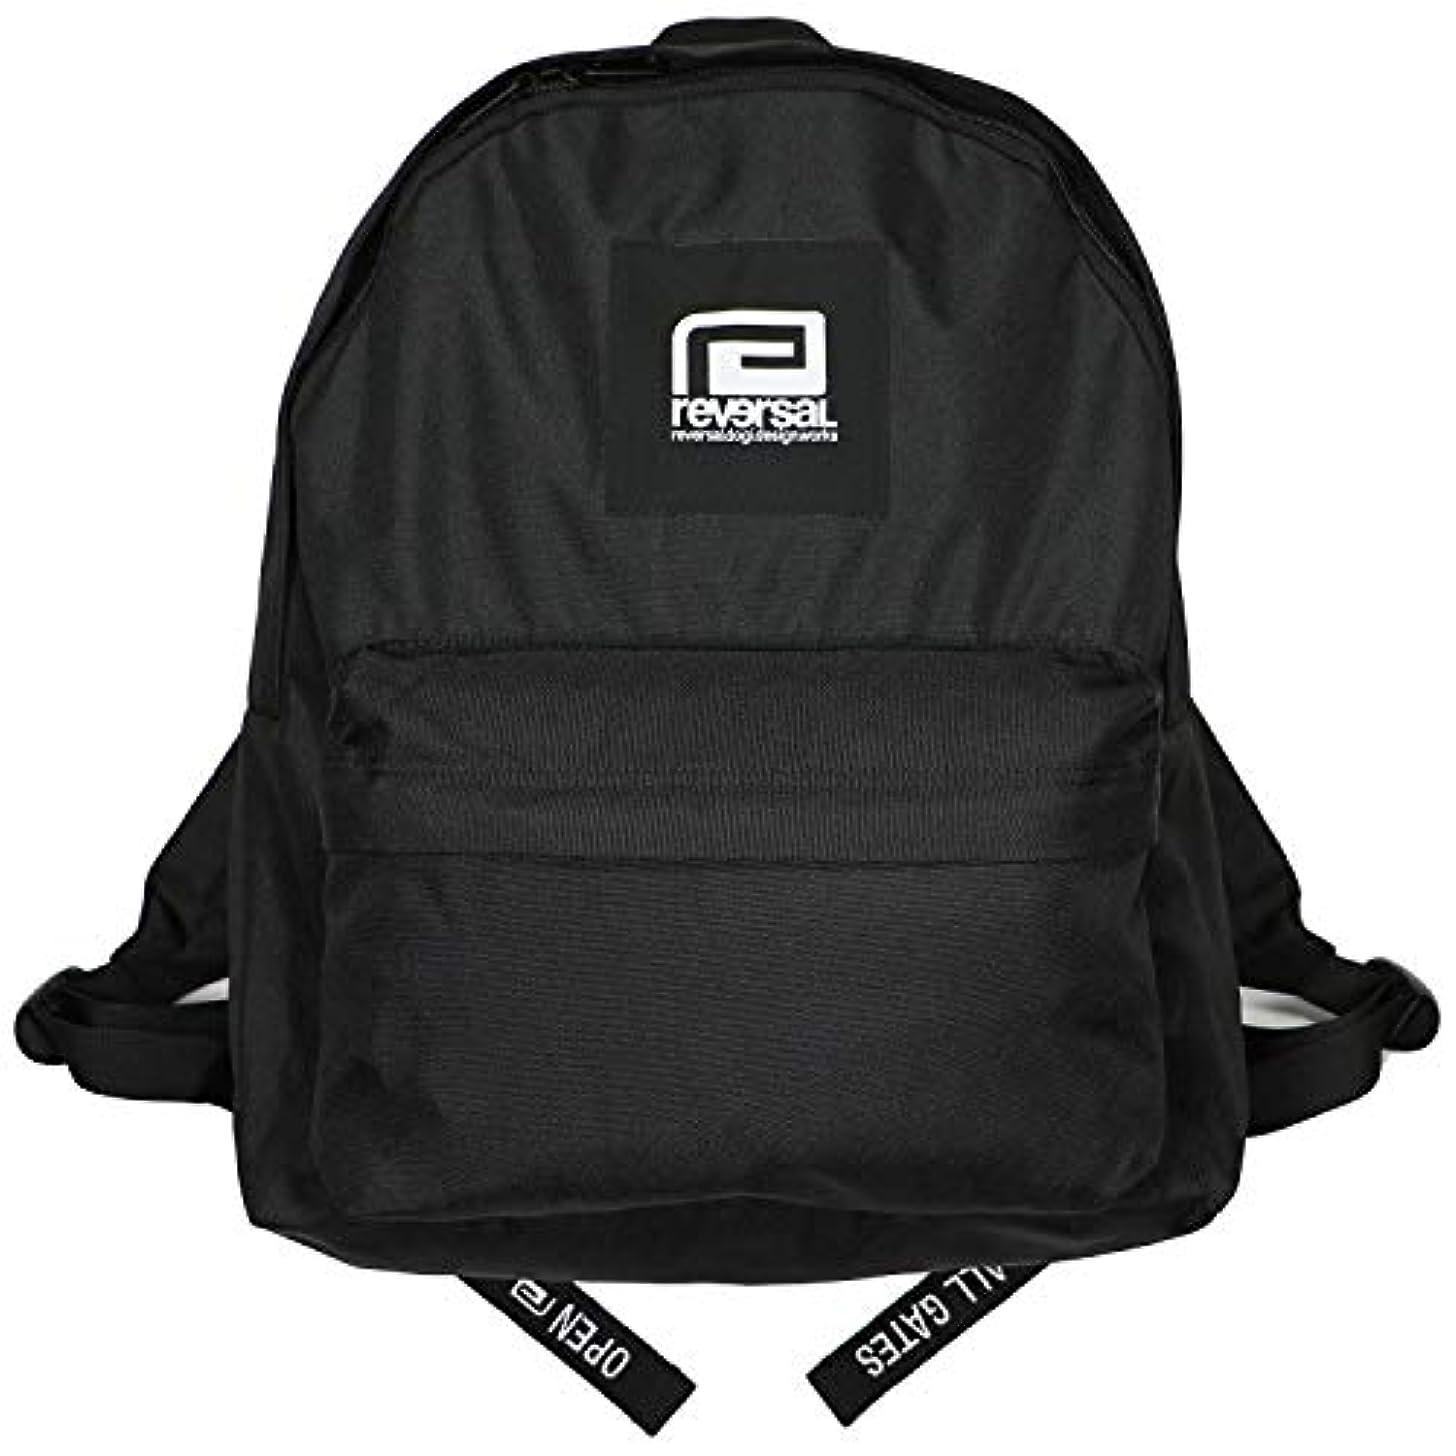 大人完璧な限界(リバーサル) REVERSAL BOX LOGO BACK PACK (BAG)(rv19ss046-BK) バッグ 鞄 リュック デイパック 国内正規品